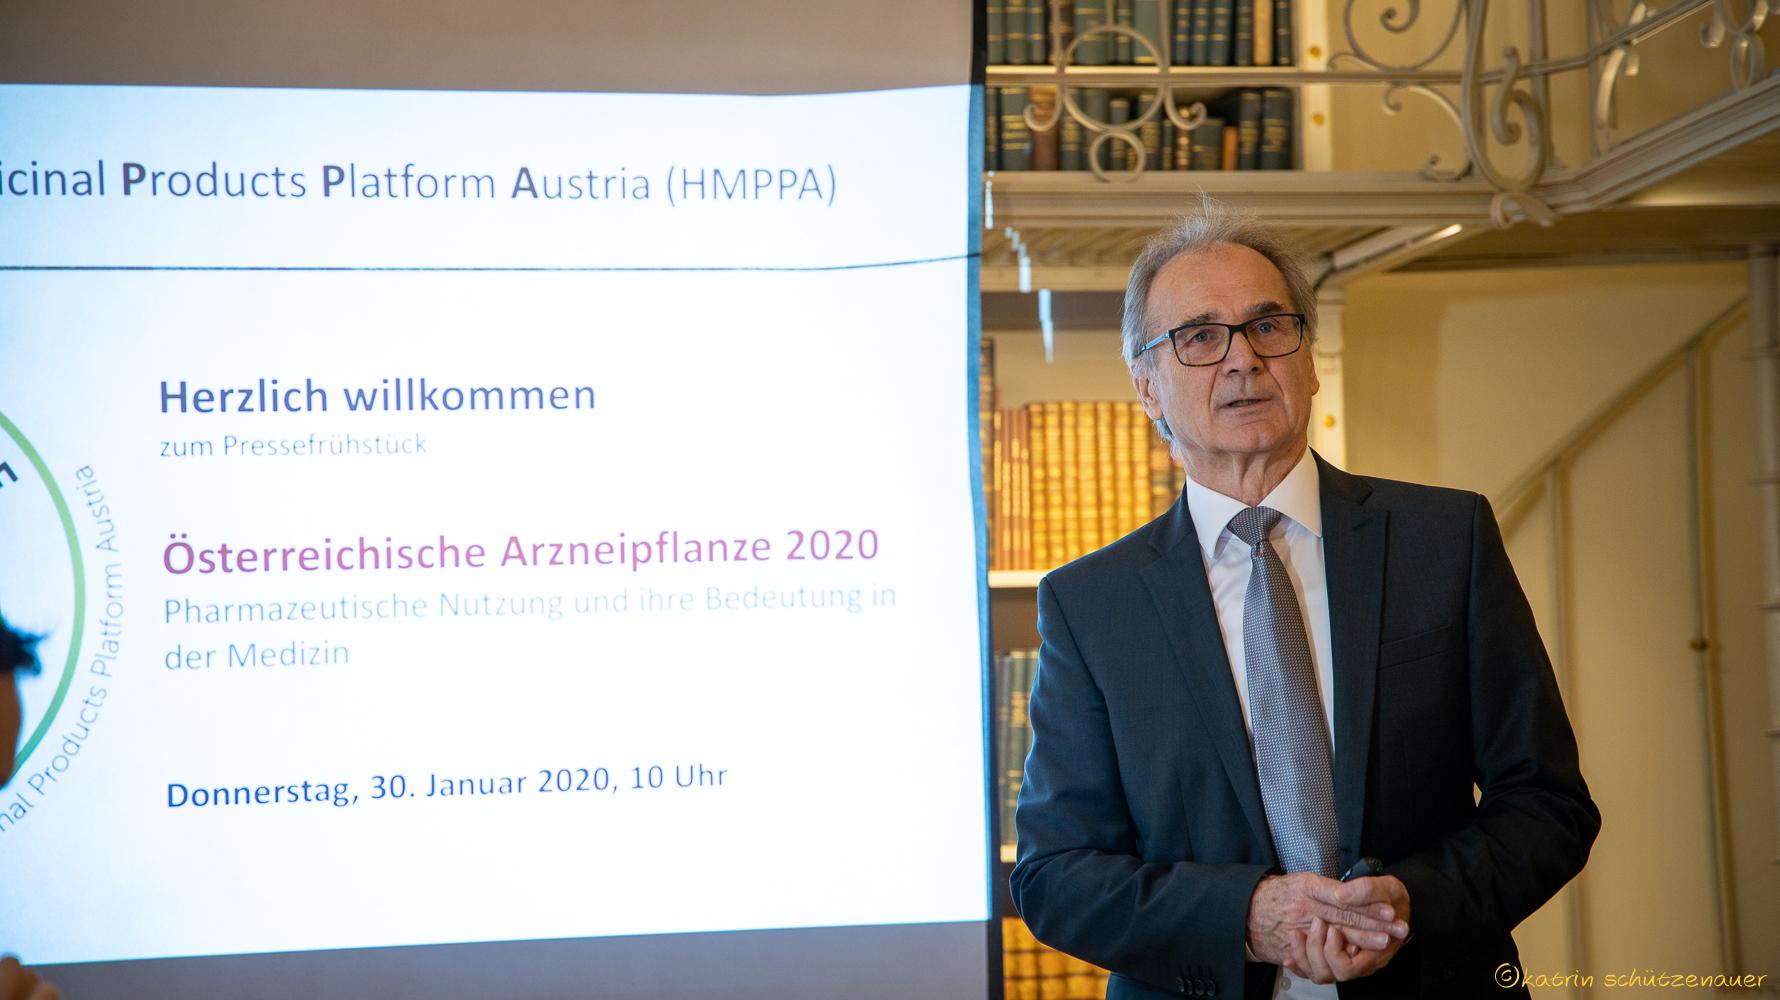 Univ.-Prof. Dr. Hermann Stuppner